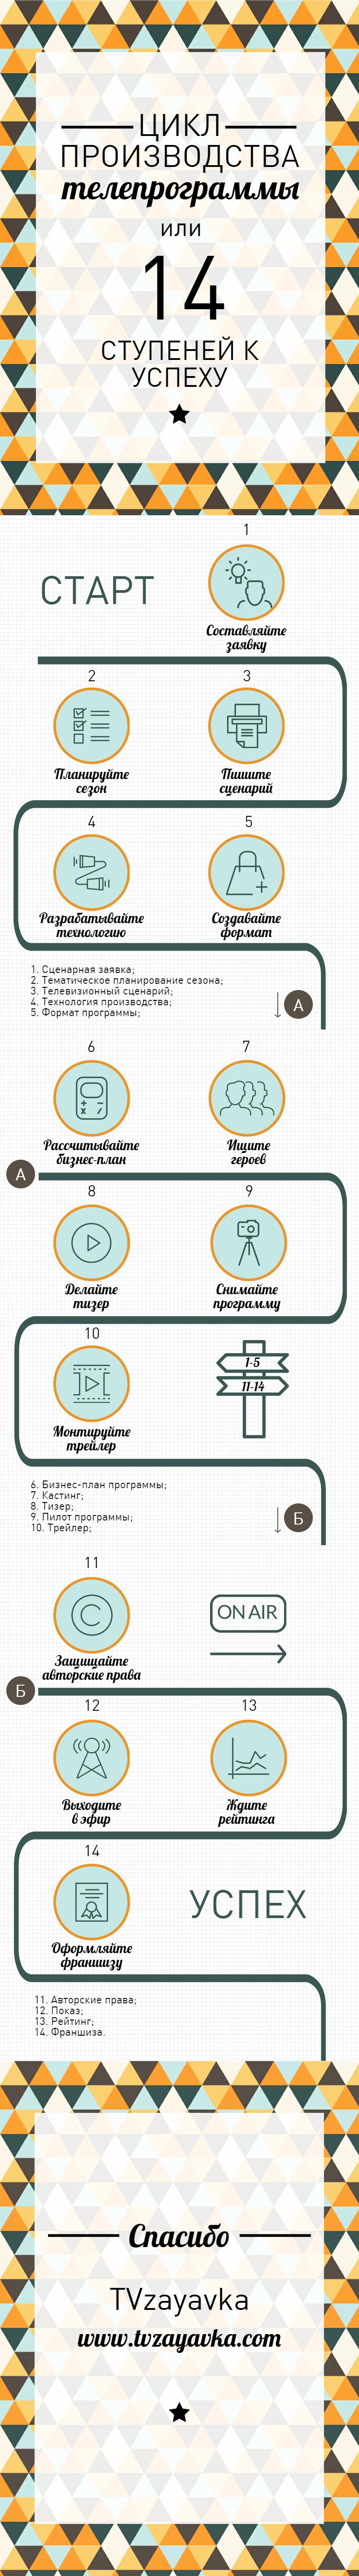 14 ступеней производственного цикла телепрограммы